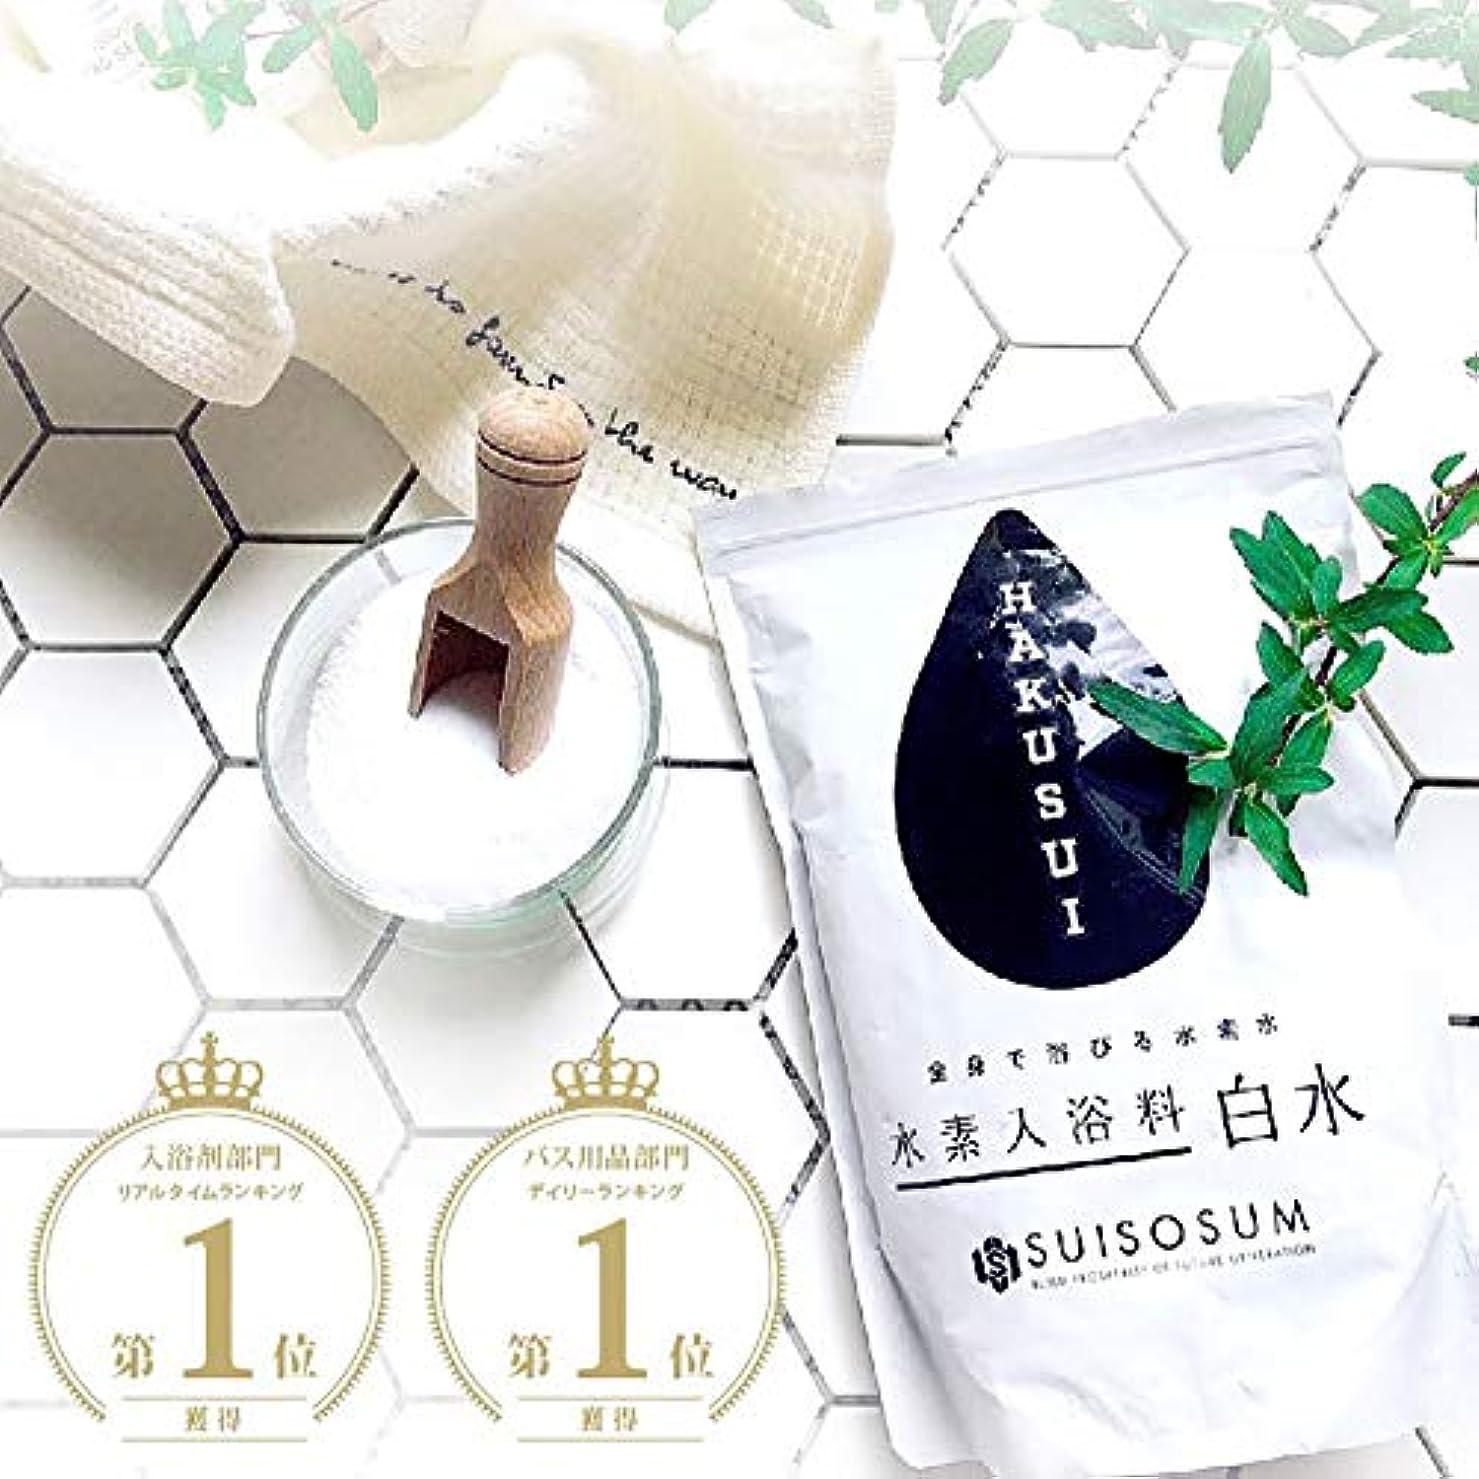 品種フロンティアかんたん水素入浴剤 【HAKUSUI】(白水)750g 30回分〔温活 美肌 シルク湯 冷え性 水素入浴〕